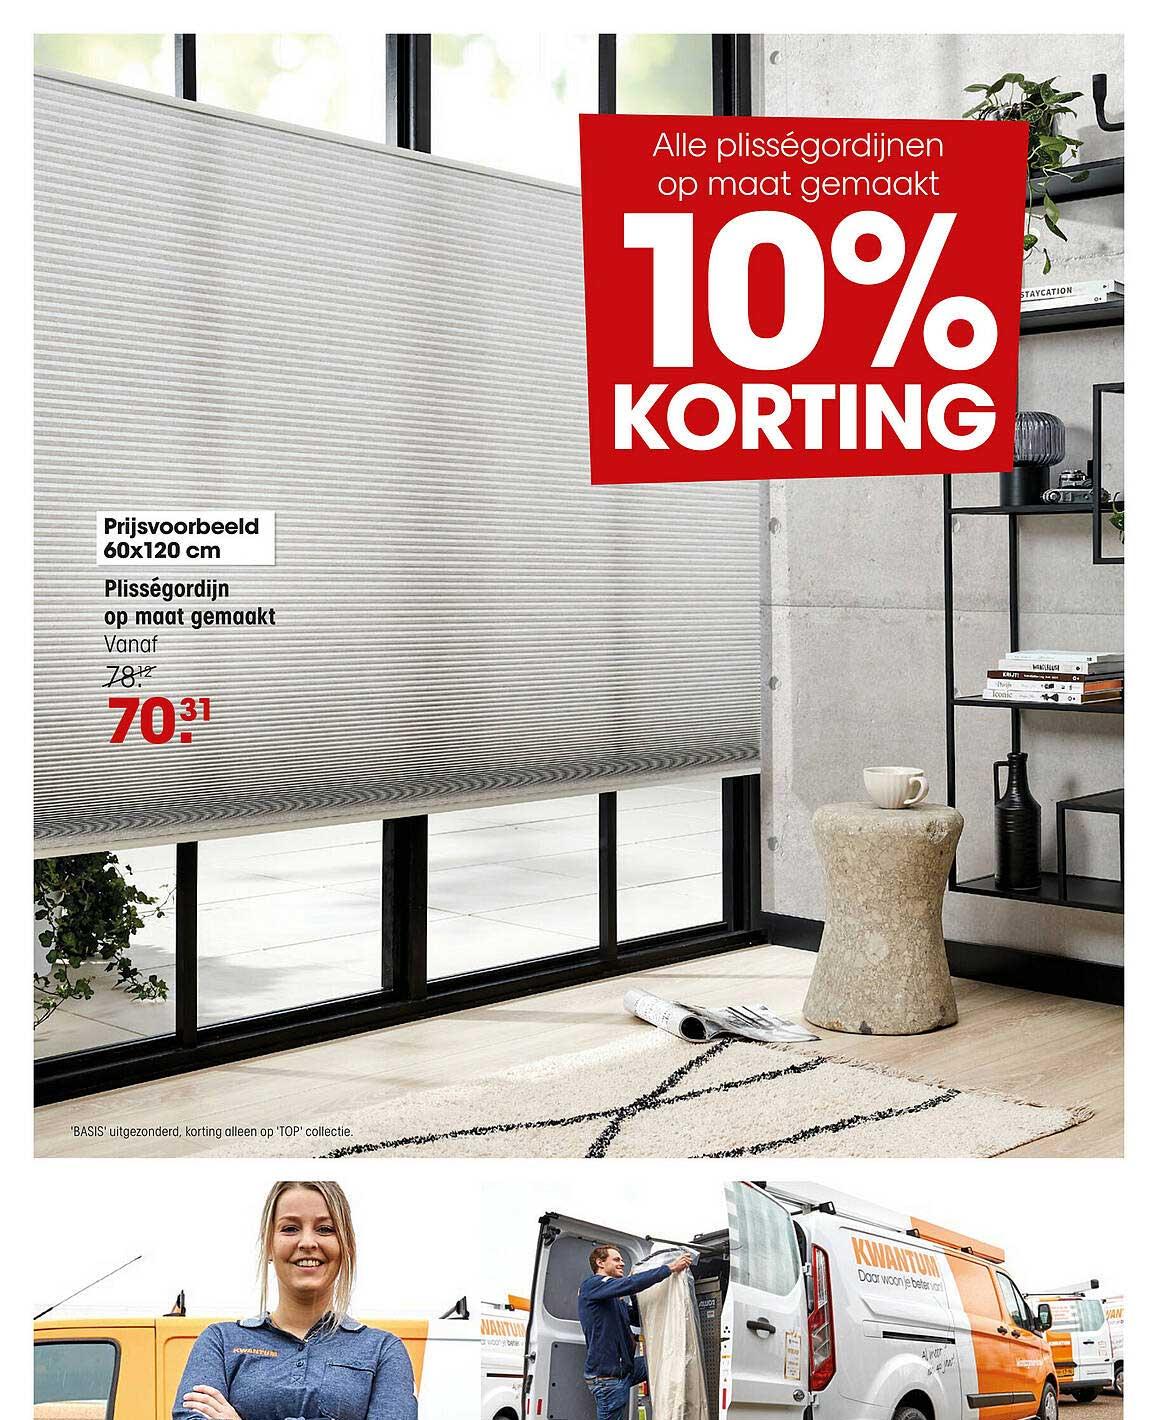 Kwantum Plisségordijn Op Maat Gemaakt 10% Korting